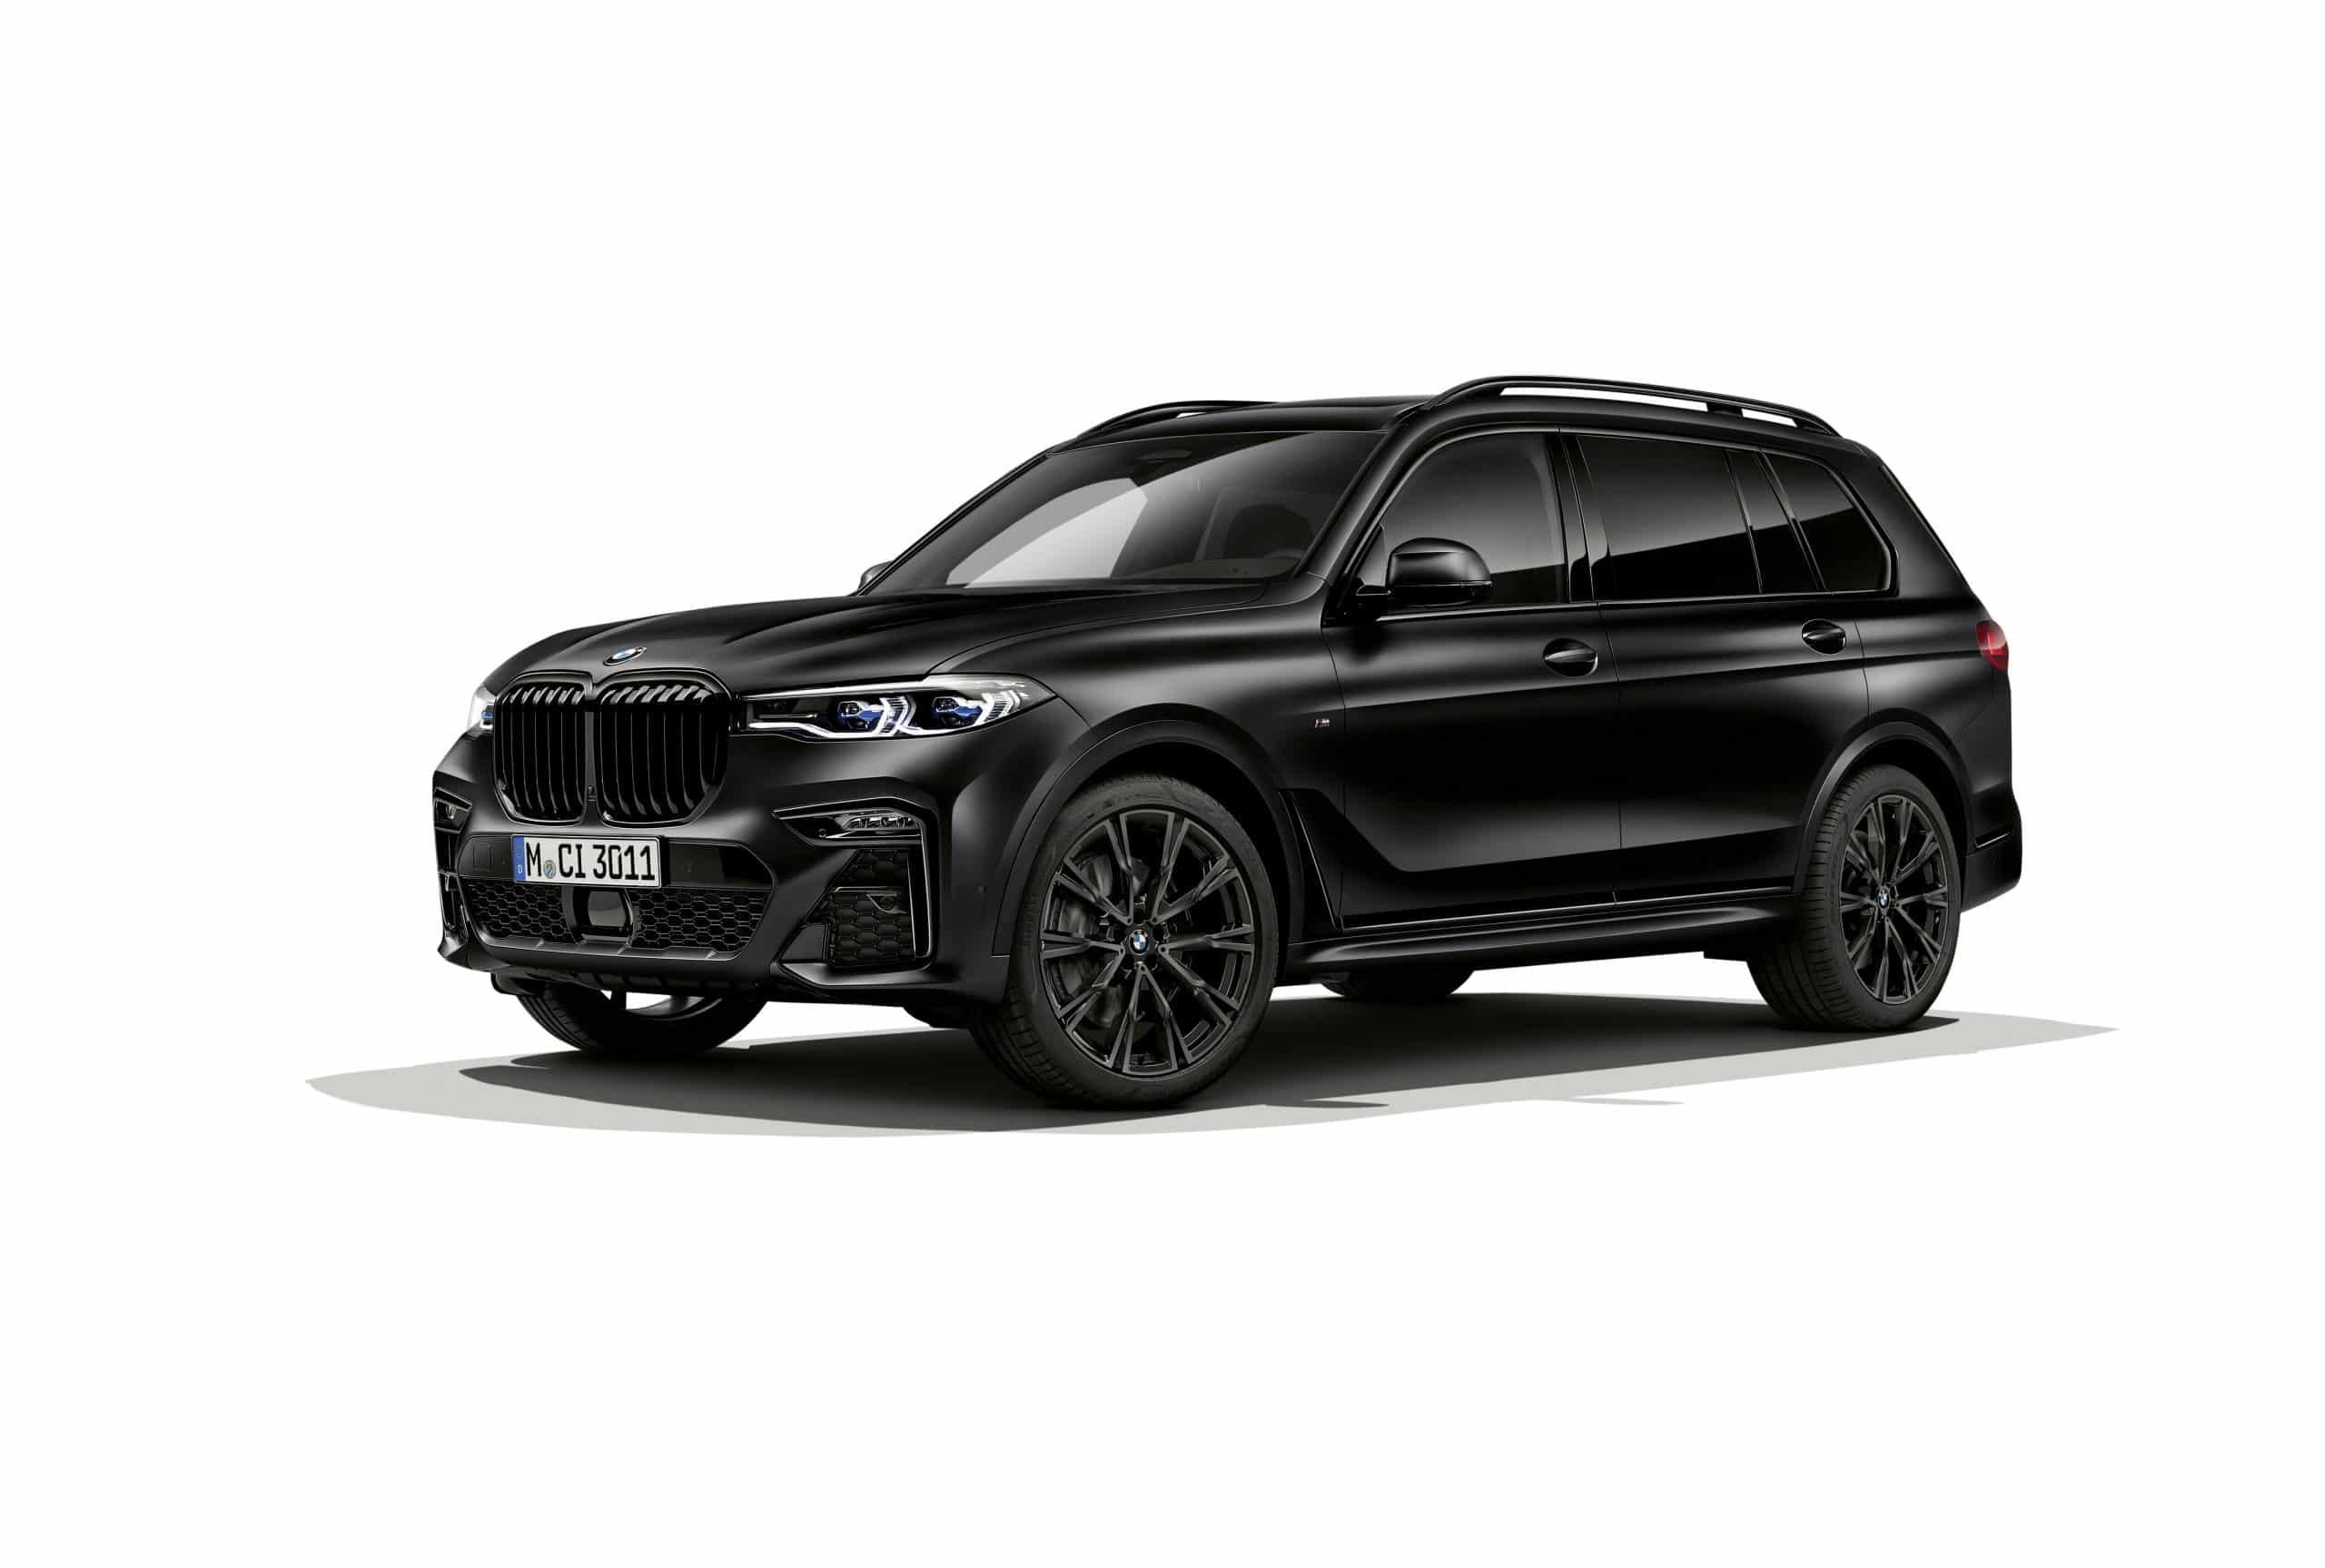 P90428343 highRes scaled BMW : Νέες περιορισμένης παραγωγής εκδόσεις, για τις X5, X6 & X7 BMW, BMW X5, BMW X6, BMW X7, ειδήσεις, Νέα